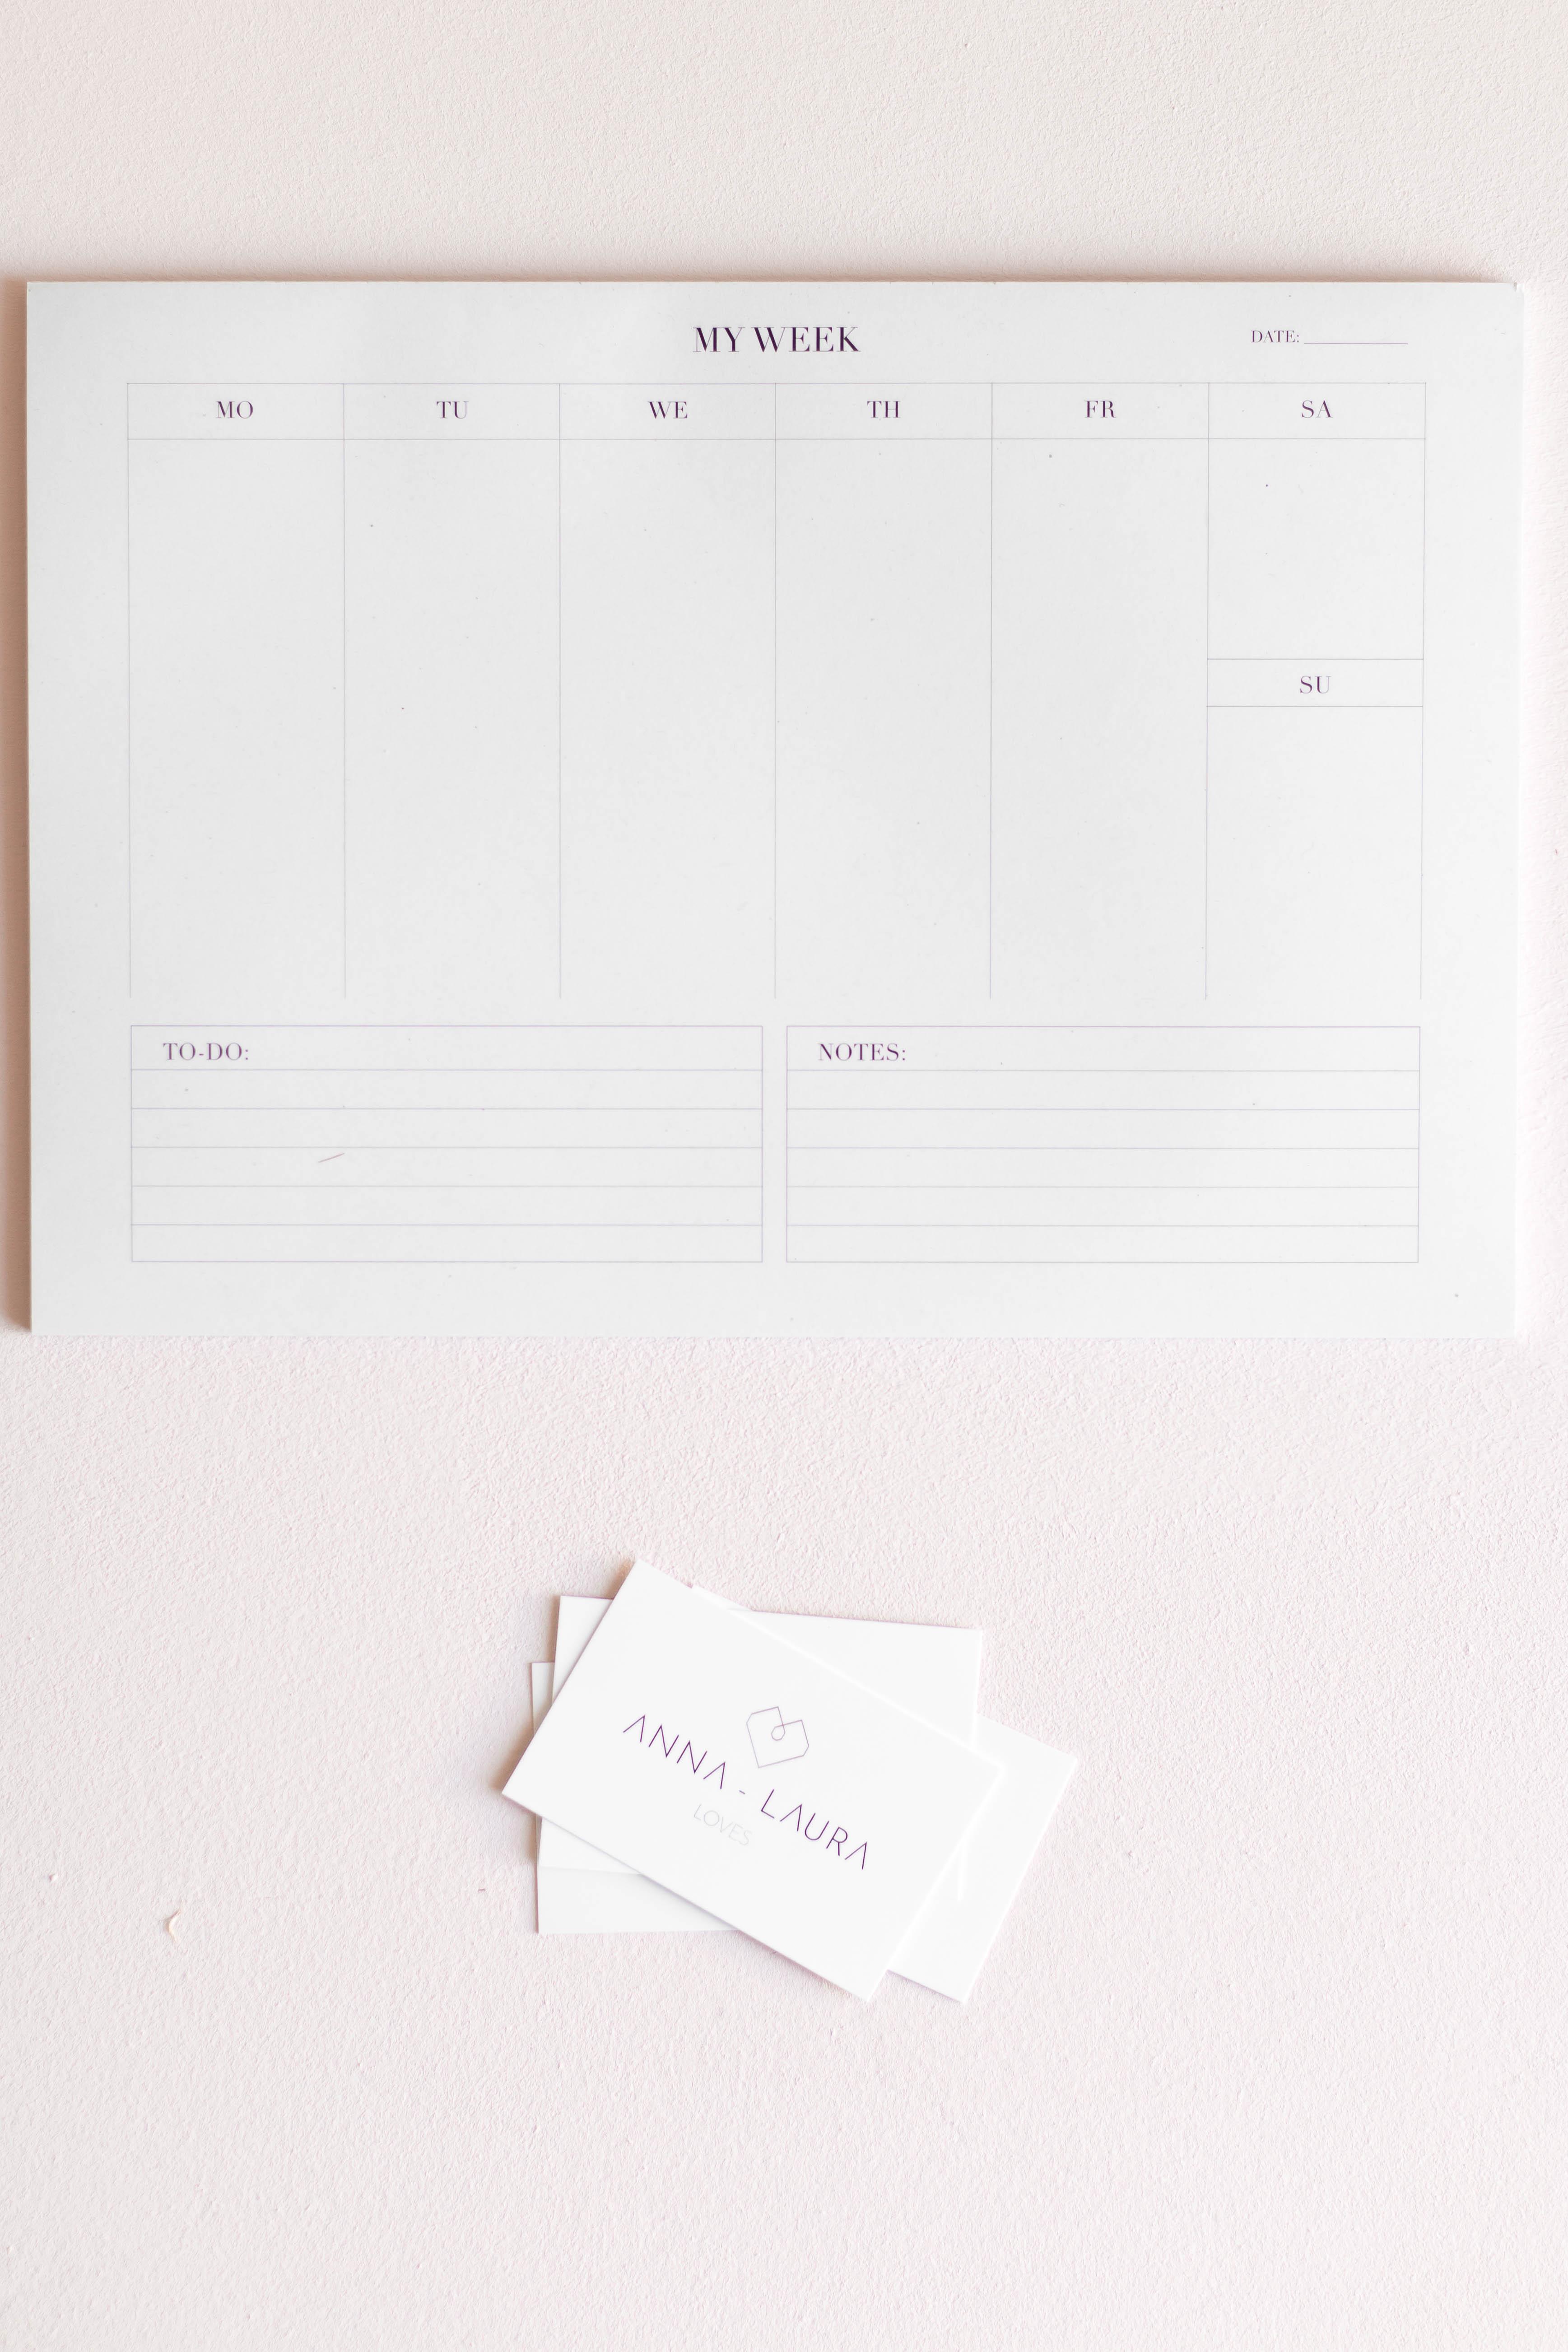 week-planner-annalaurakummer-5